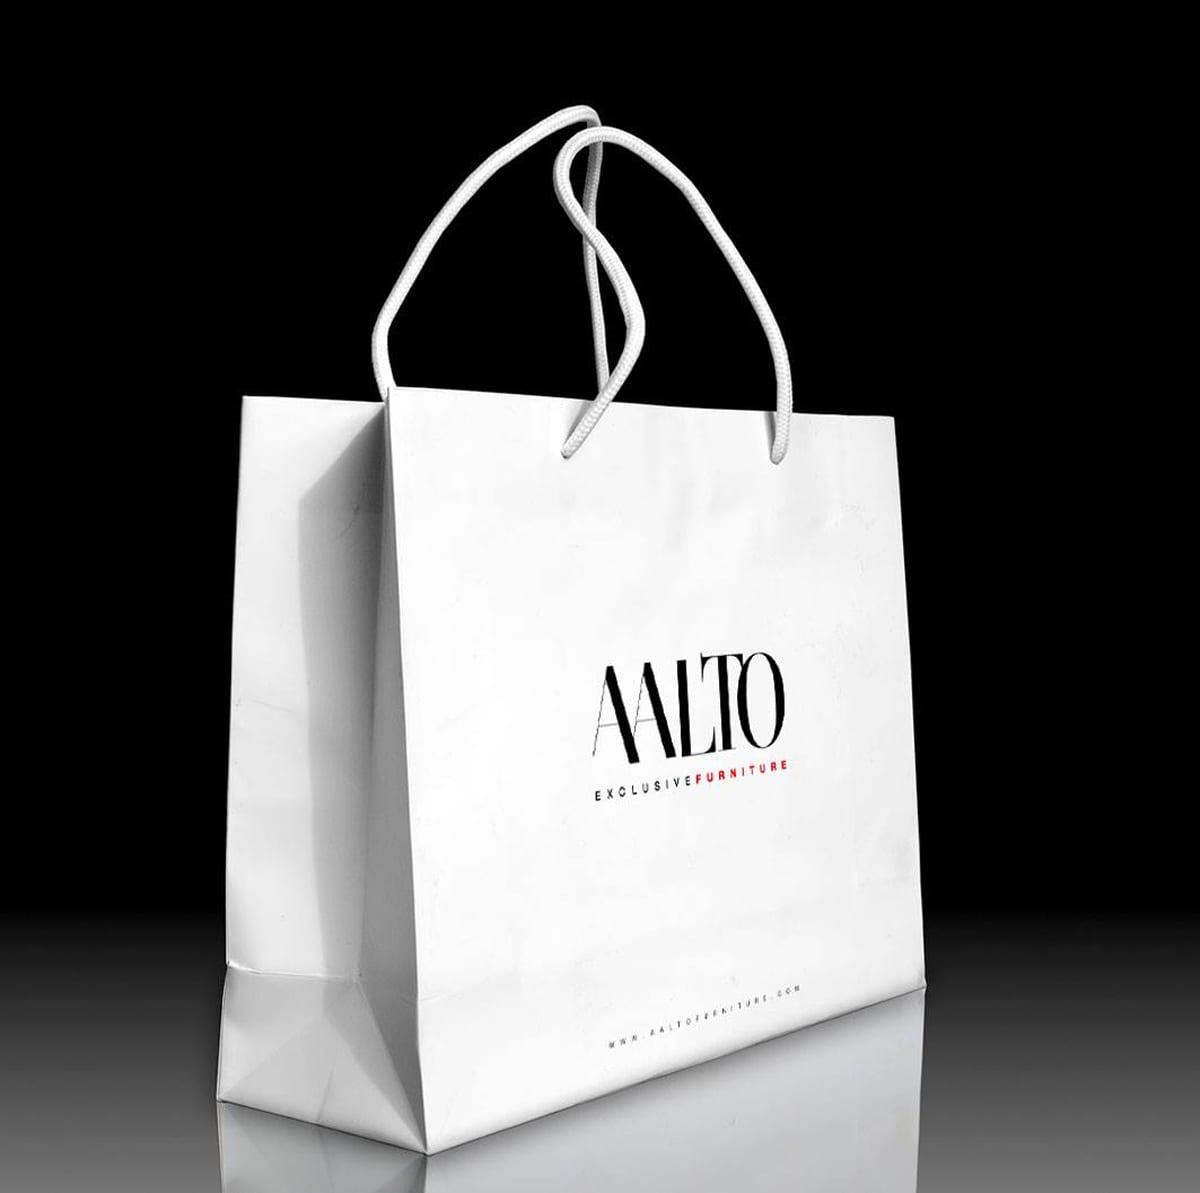 Diseño de bolsas con logotipo para tiendas comerciales